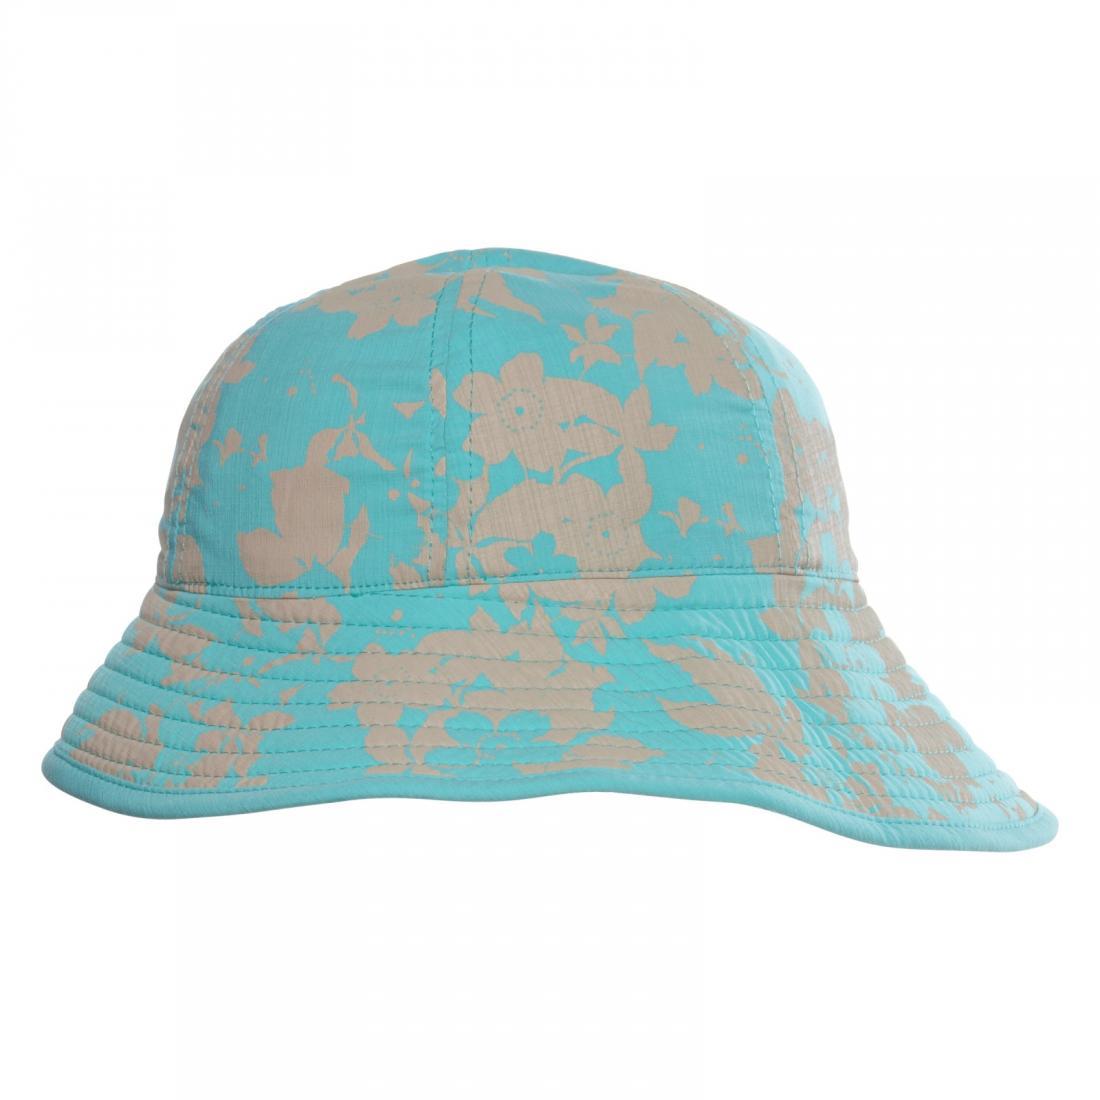 Панама Chaos  Summit Beach Hat (женс)Панамы<br><br> Элегантная женская панама Summit Beach Hat — это отличный пляжный вариант от Chaos. В ней можно не беспокоиться о том, что жаркое солнце напечет голову. Благодаря оригинальному дизайну эта модель станет ярким дополнением образа.<br><br><br>Б...<br><br>Цвет: Голубой<br>Размер: S-M